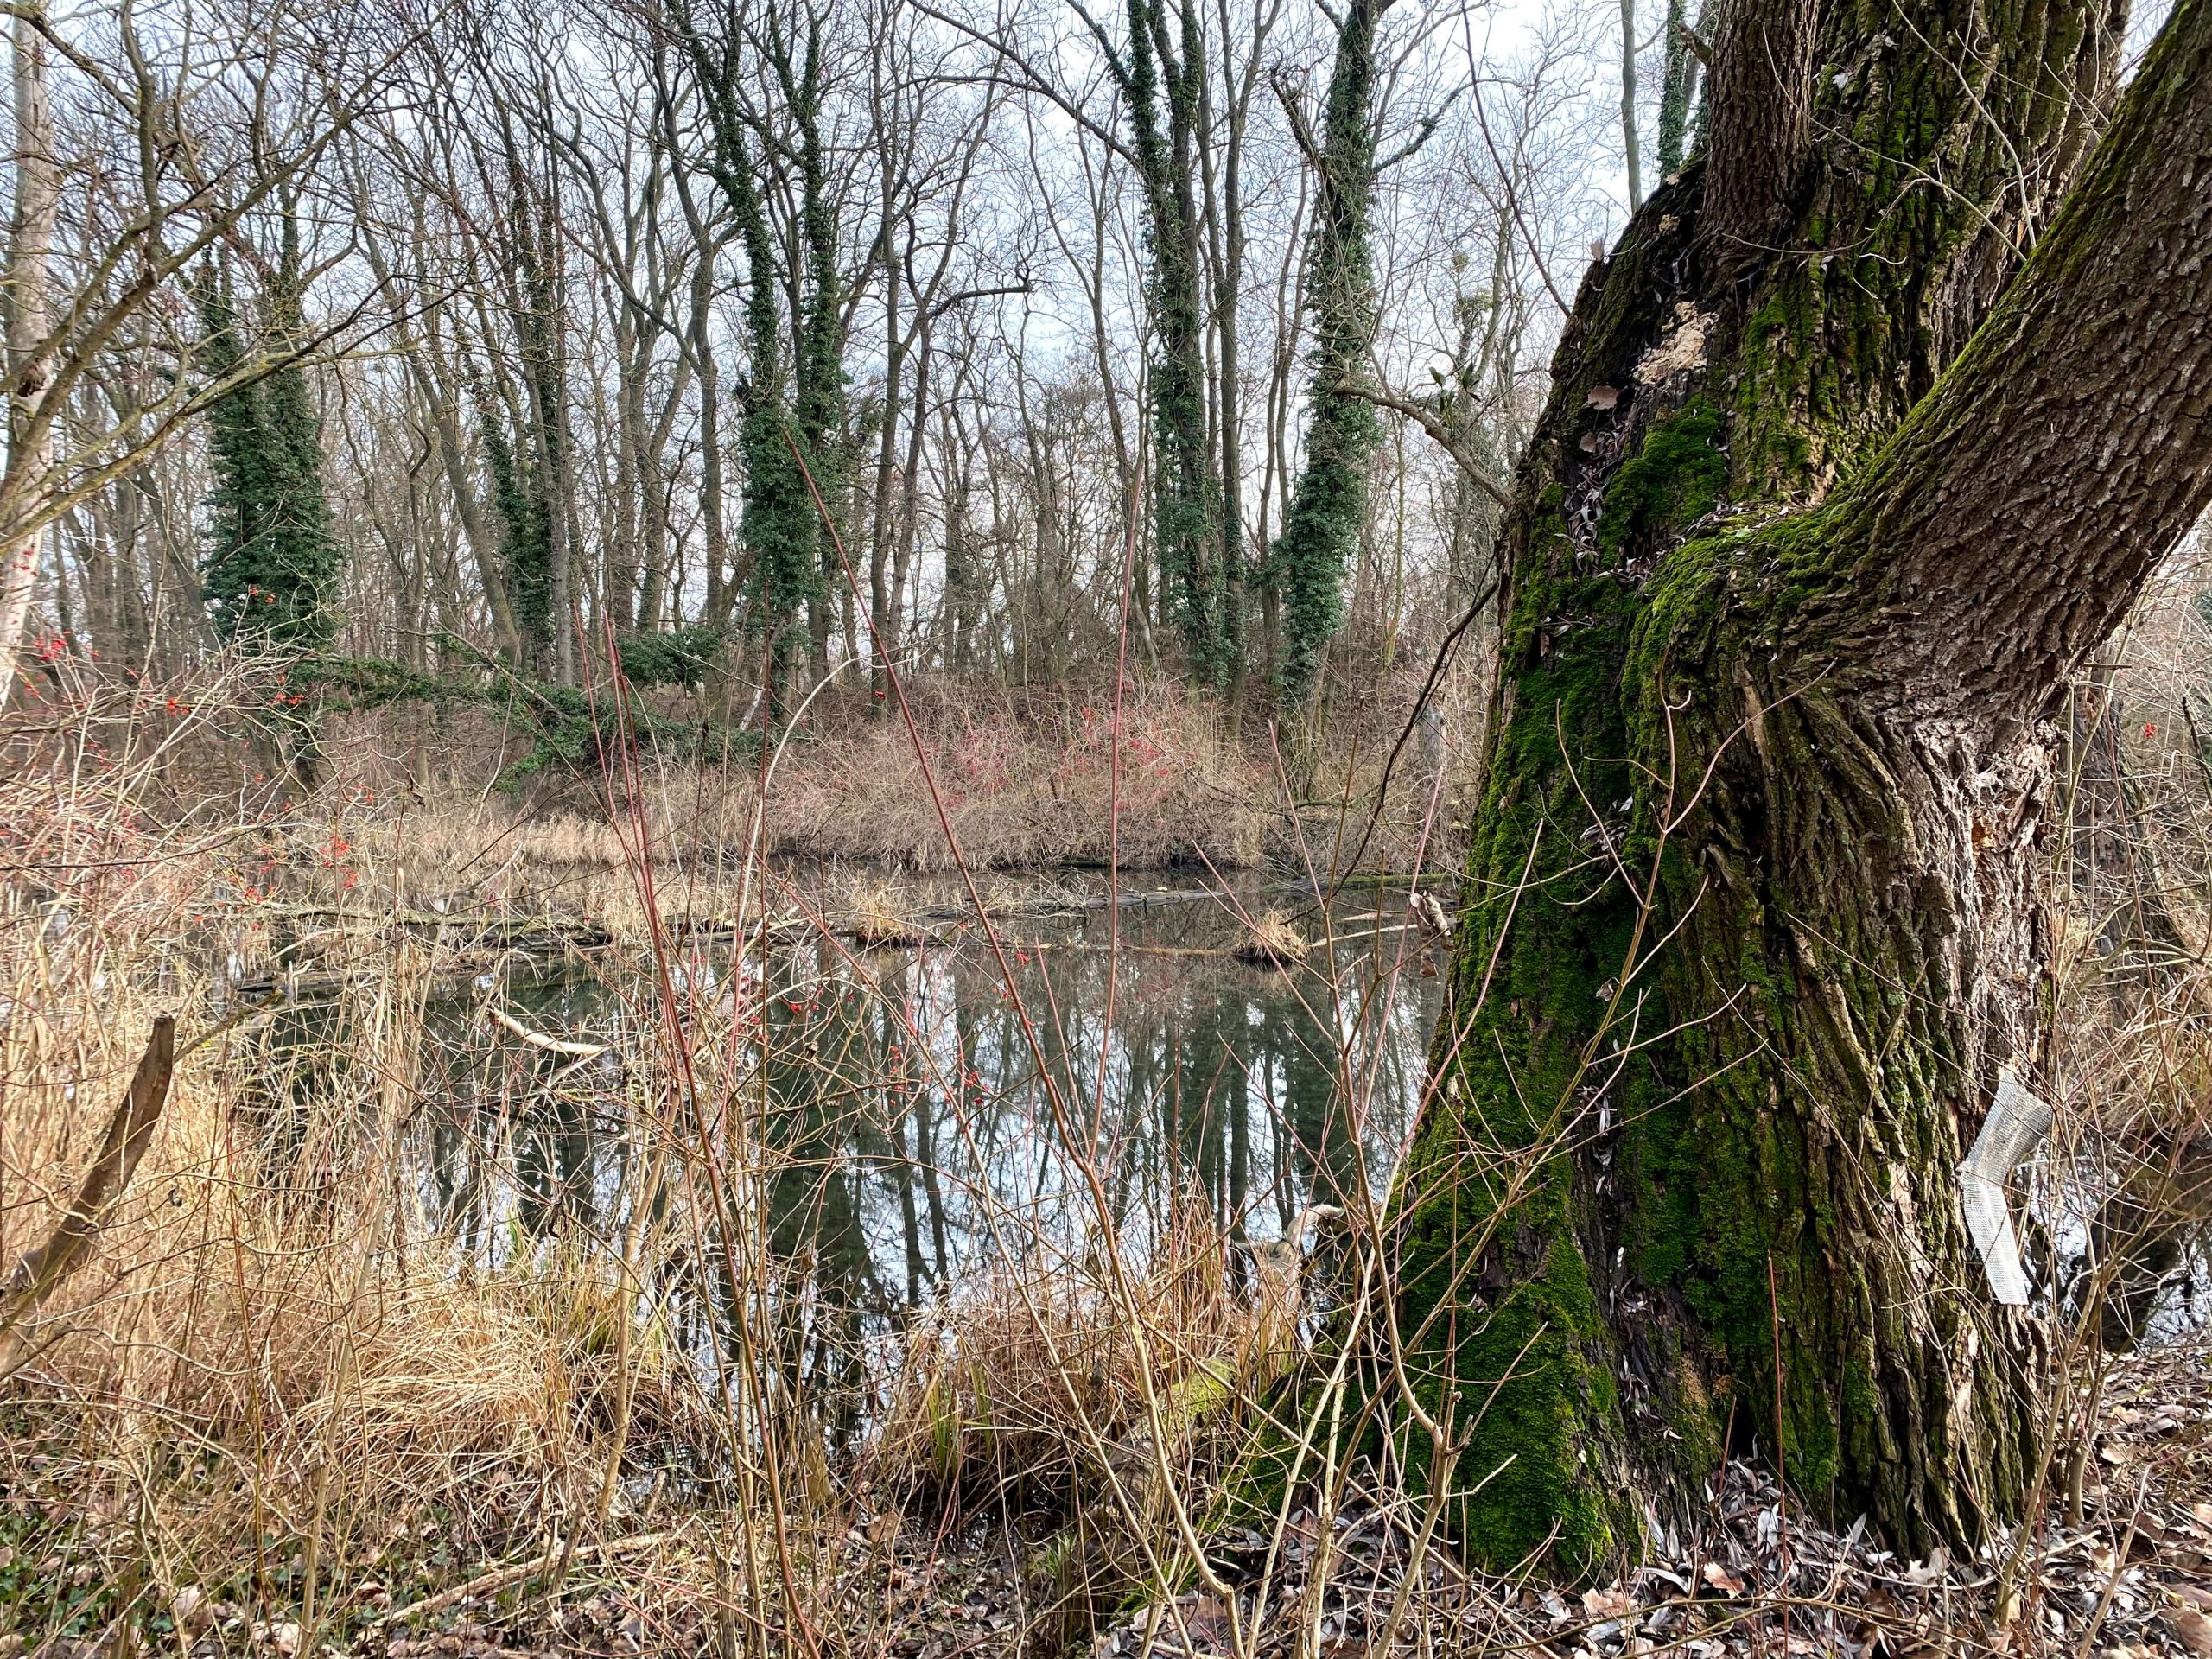 Lužné lesy, močiare, riečna delta - Dunajské luhy.